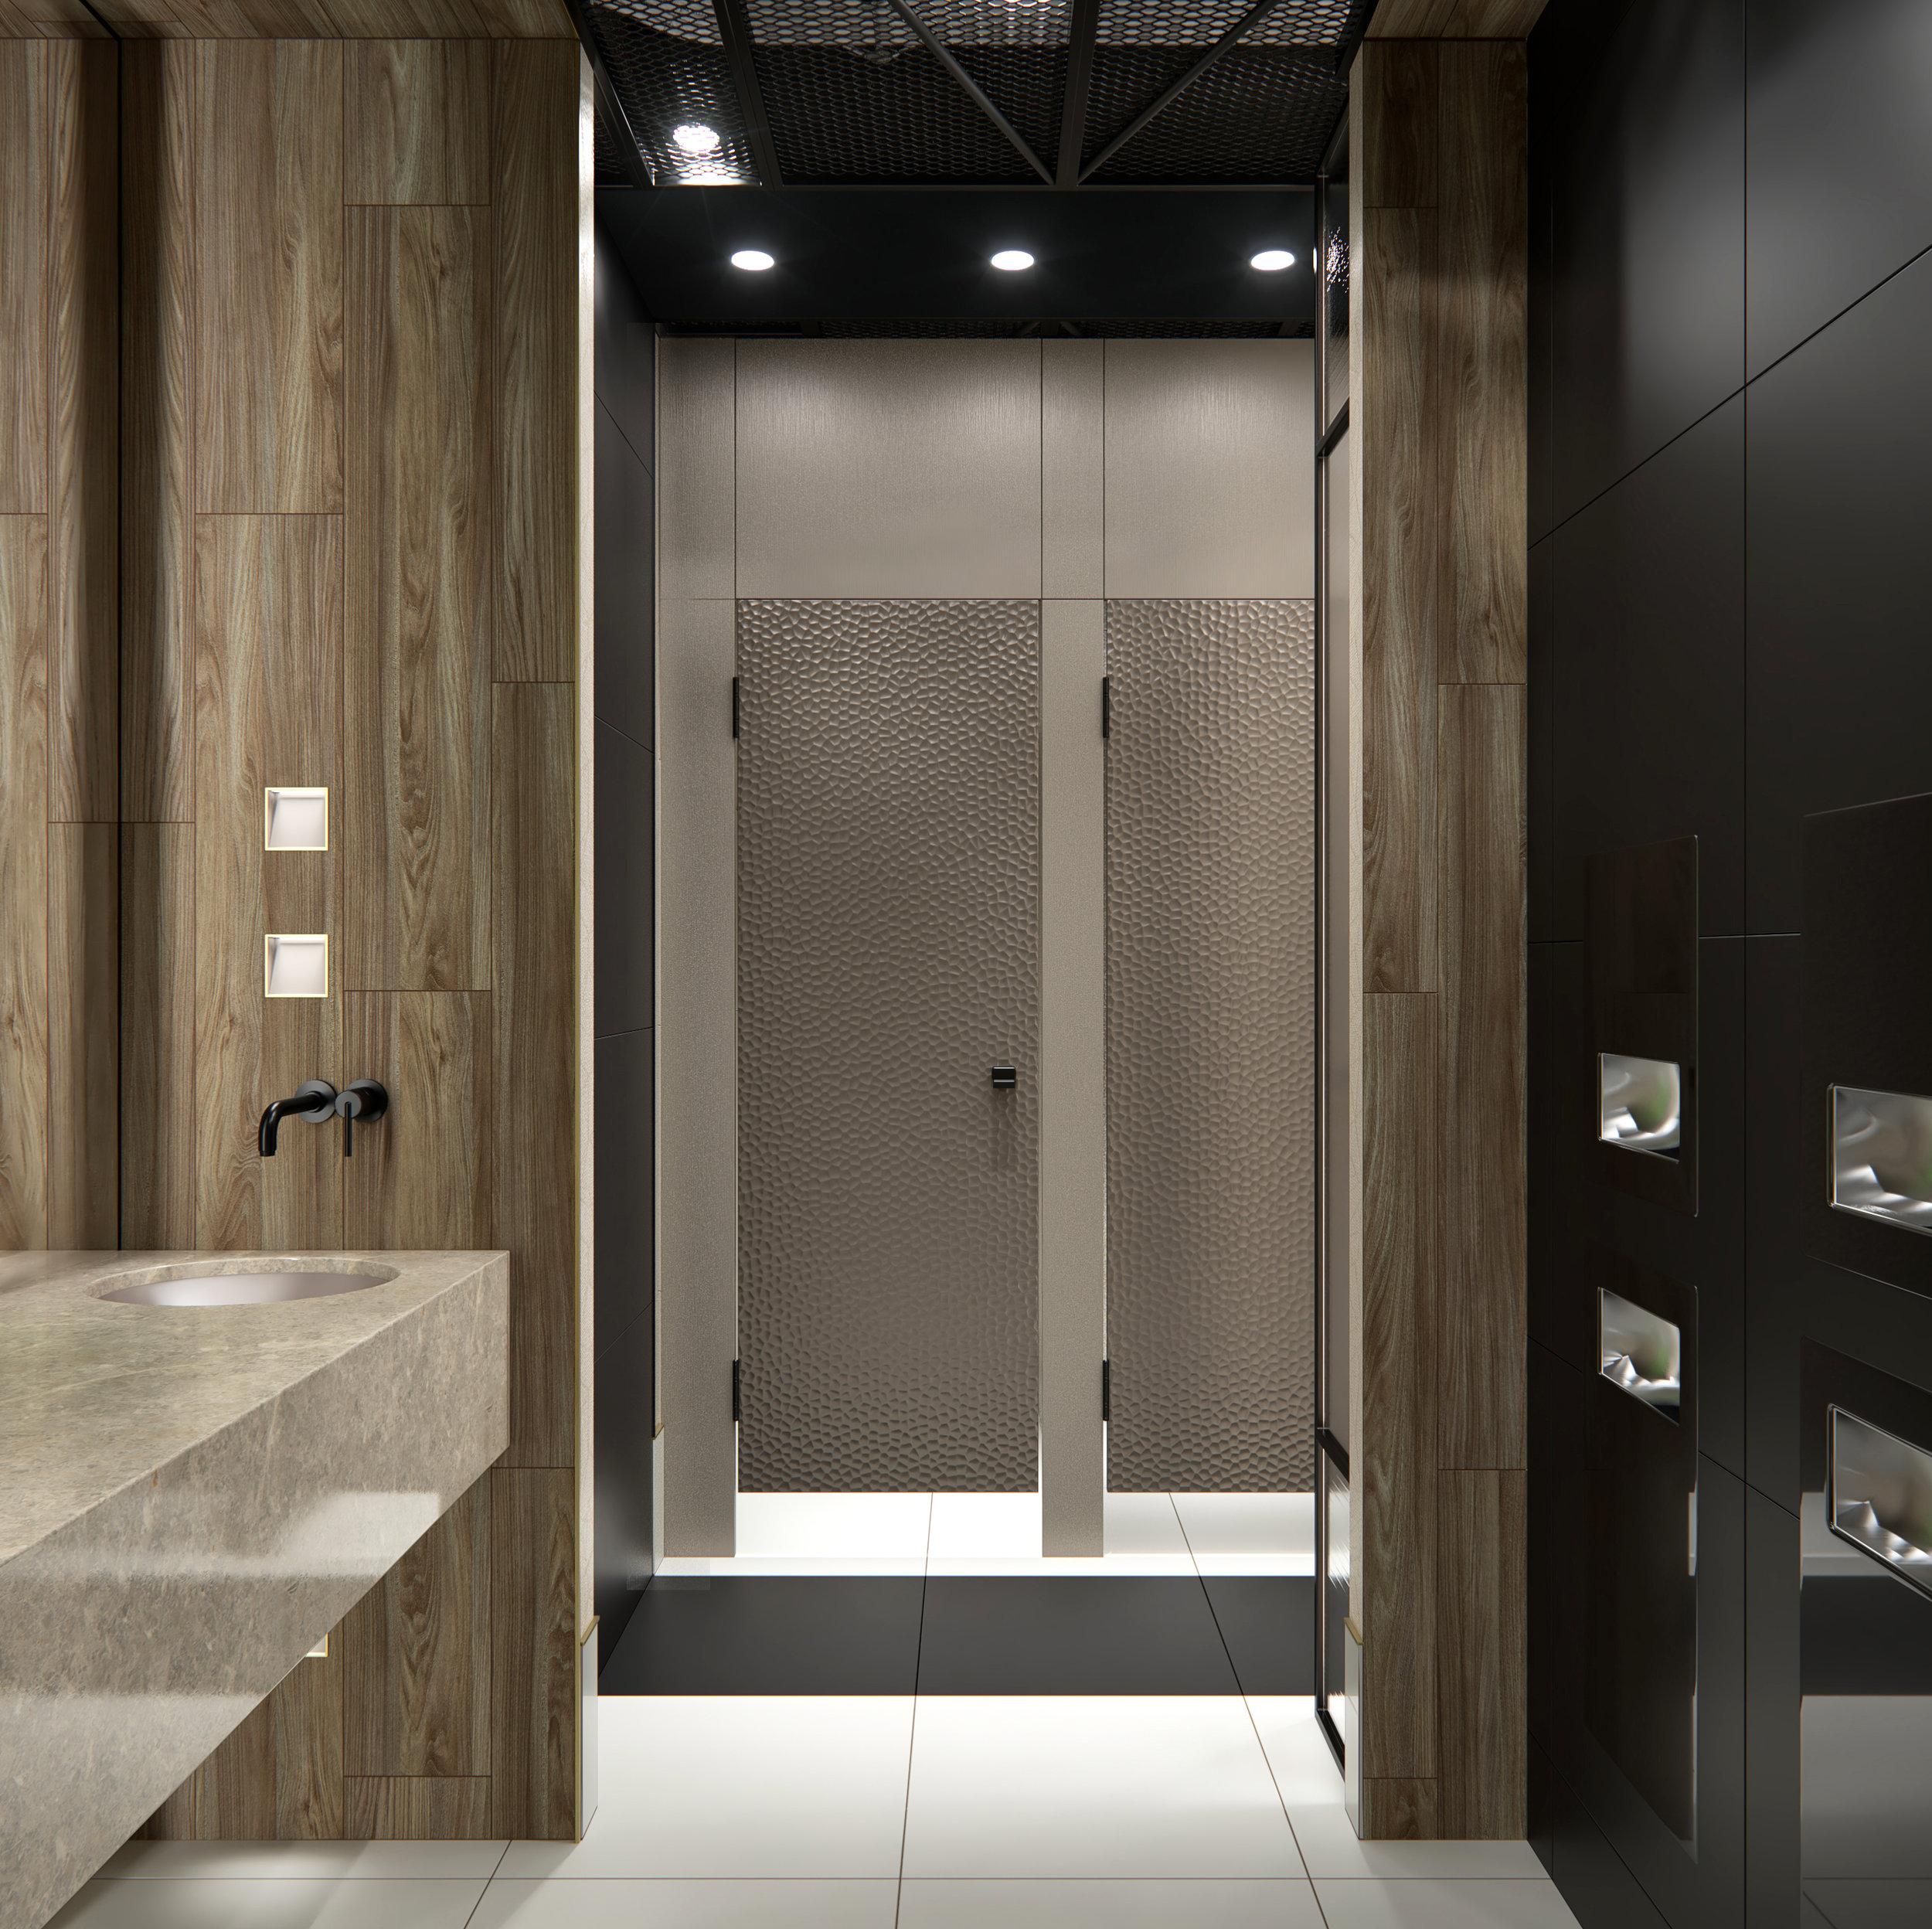 420 5TH AVENUE PUBLIC BATHROOM - WOMEN - 2.jpg